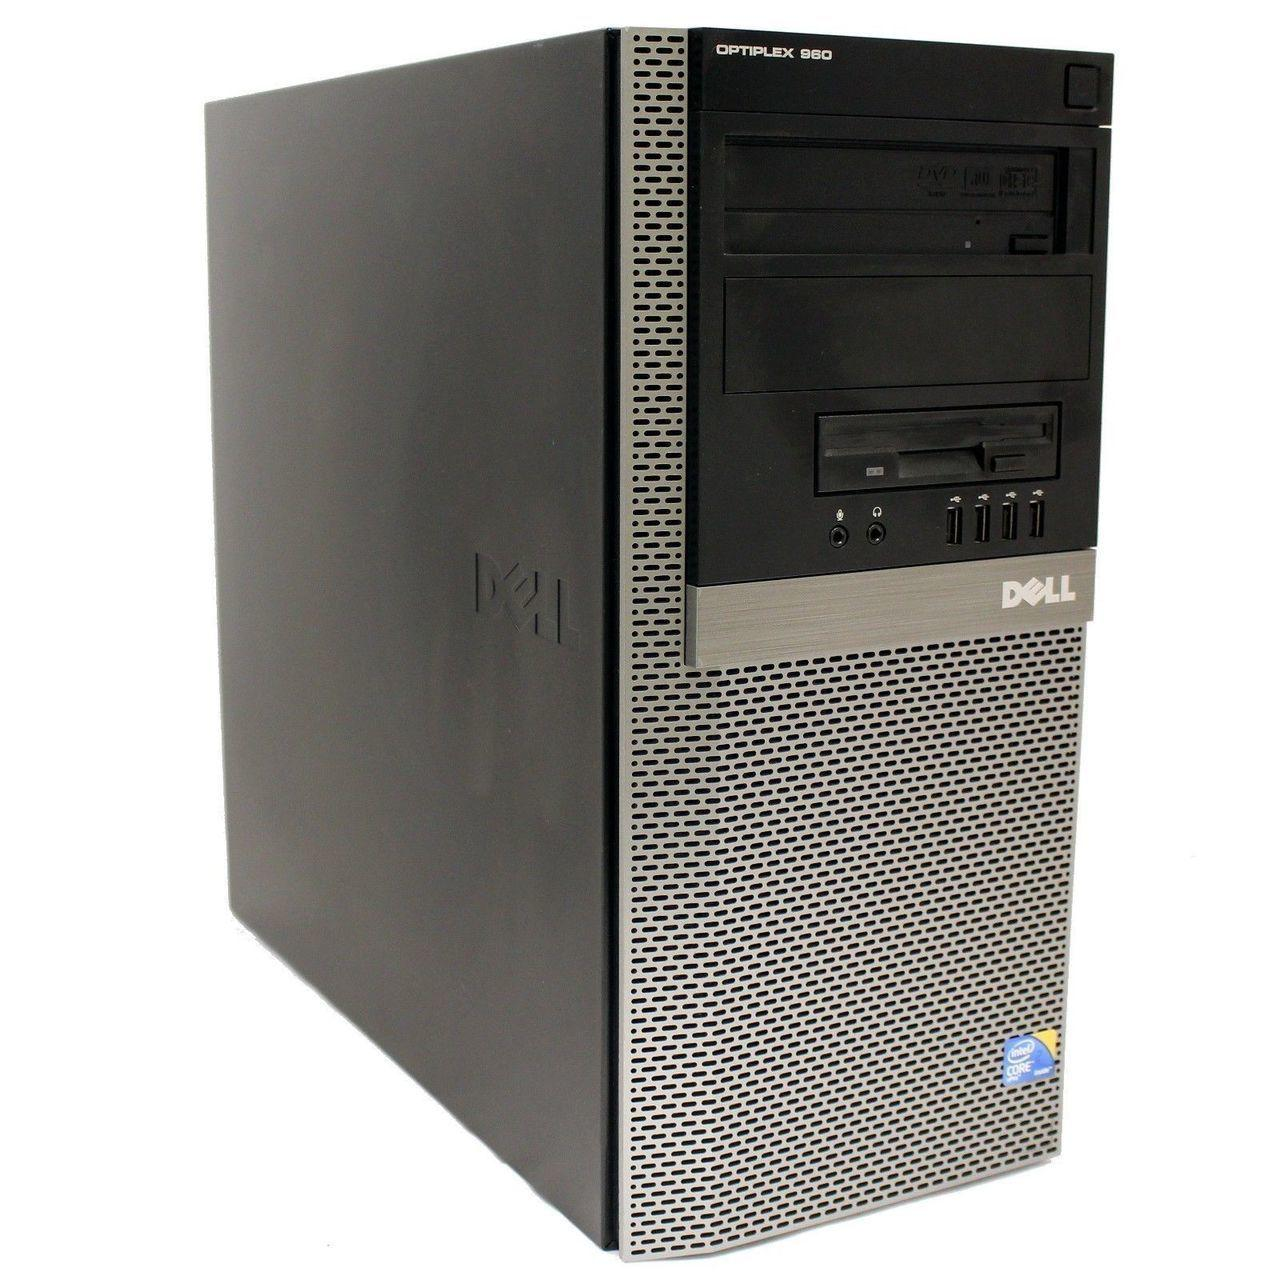 Системный блок, компьютер, Intel Core 2 Duo, 2 ядра по 2,4 Ггц, 8 Гб ОЗУ, HDD 1000 Гб